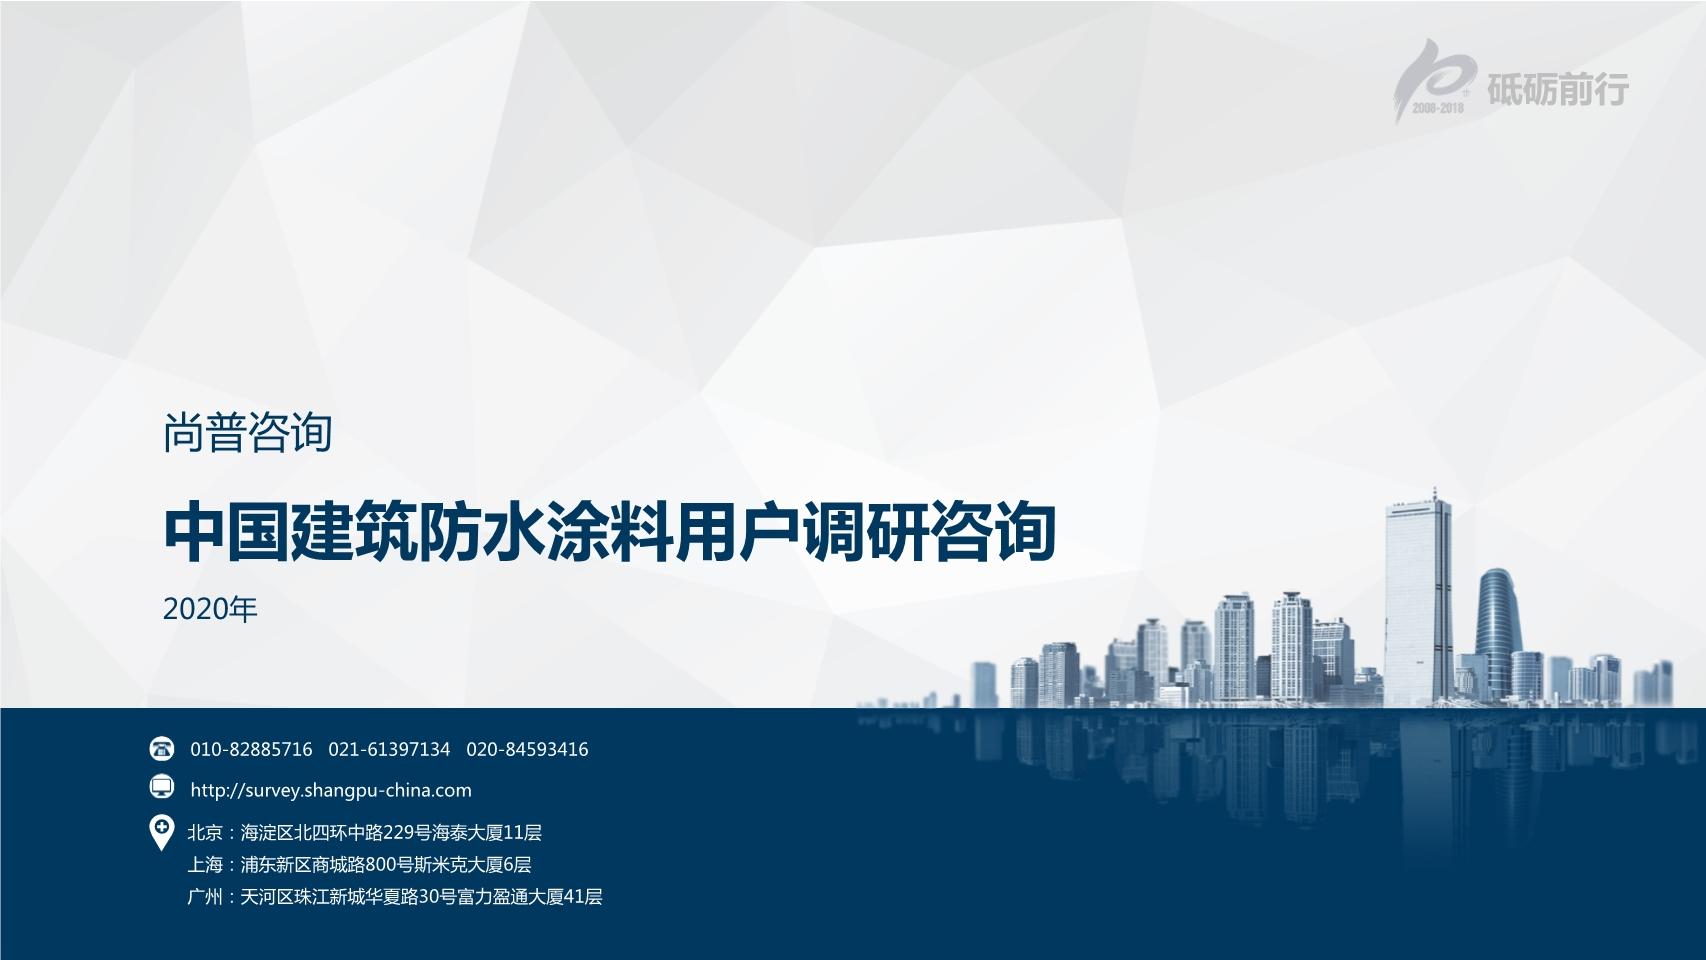 尚普咨询-2020年中国建筑防水涂料用户调研咨询